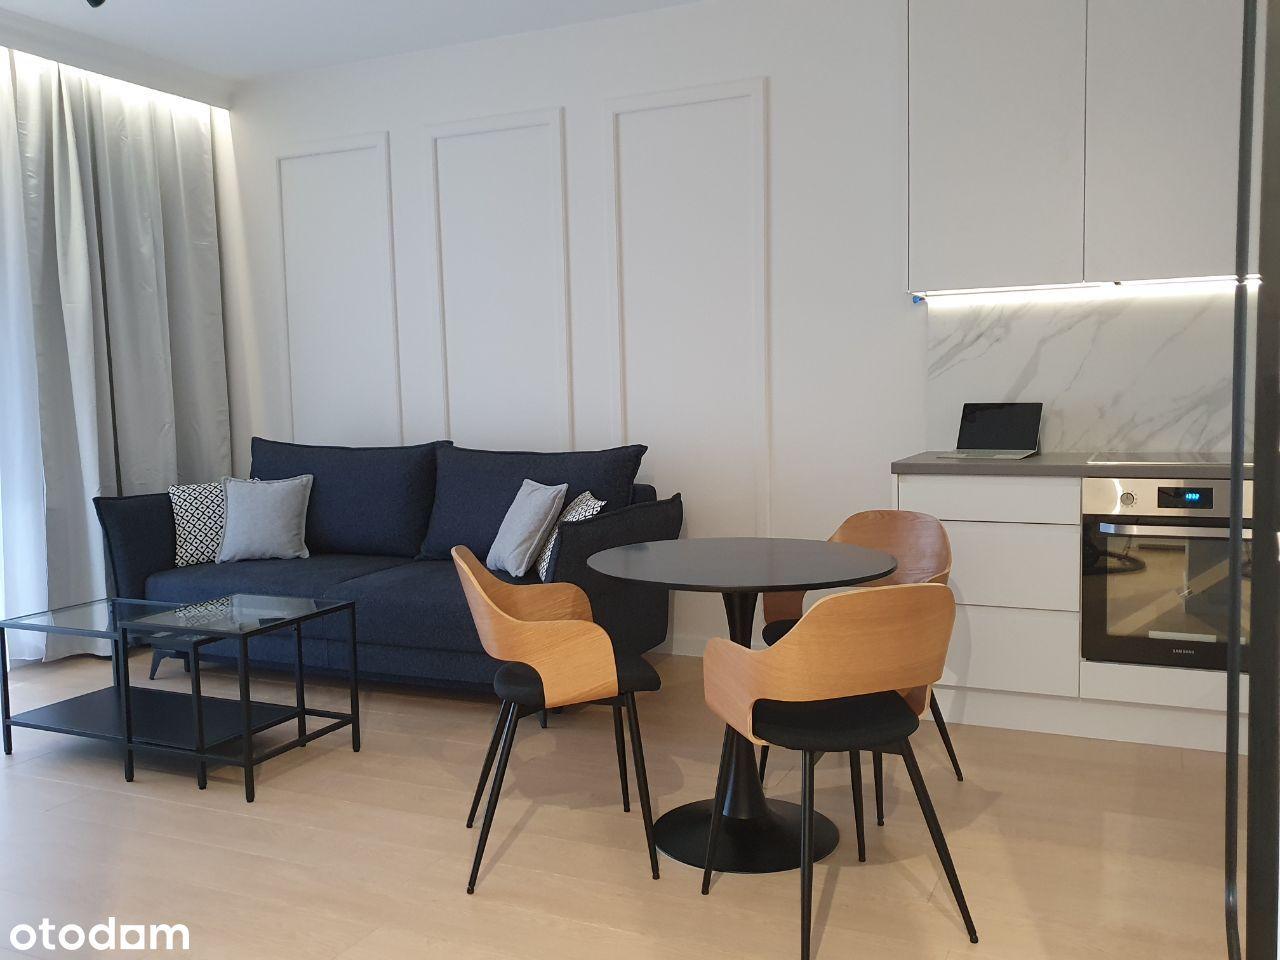 Eleganckie, komfortowe mieszkanie dla singla, pary